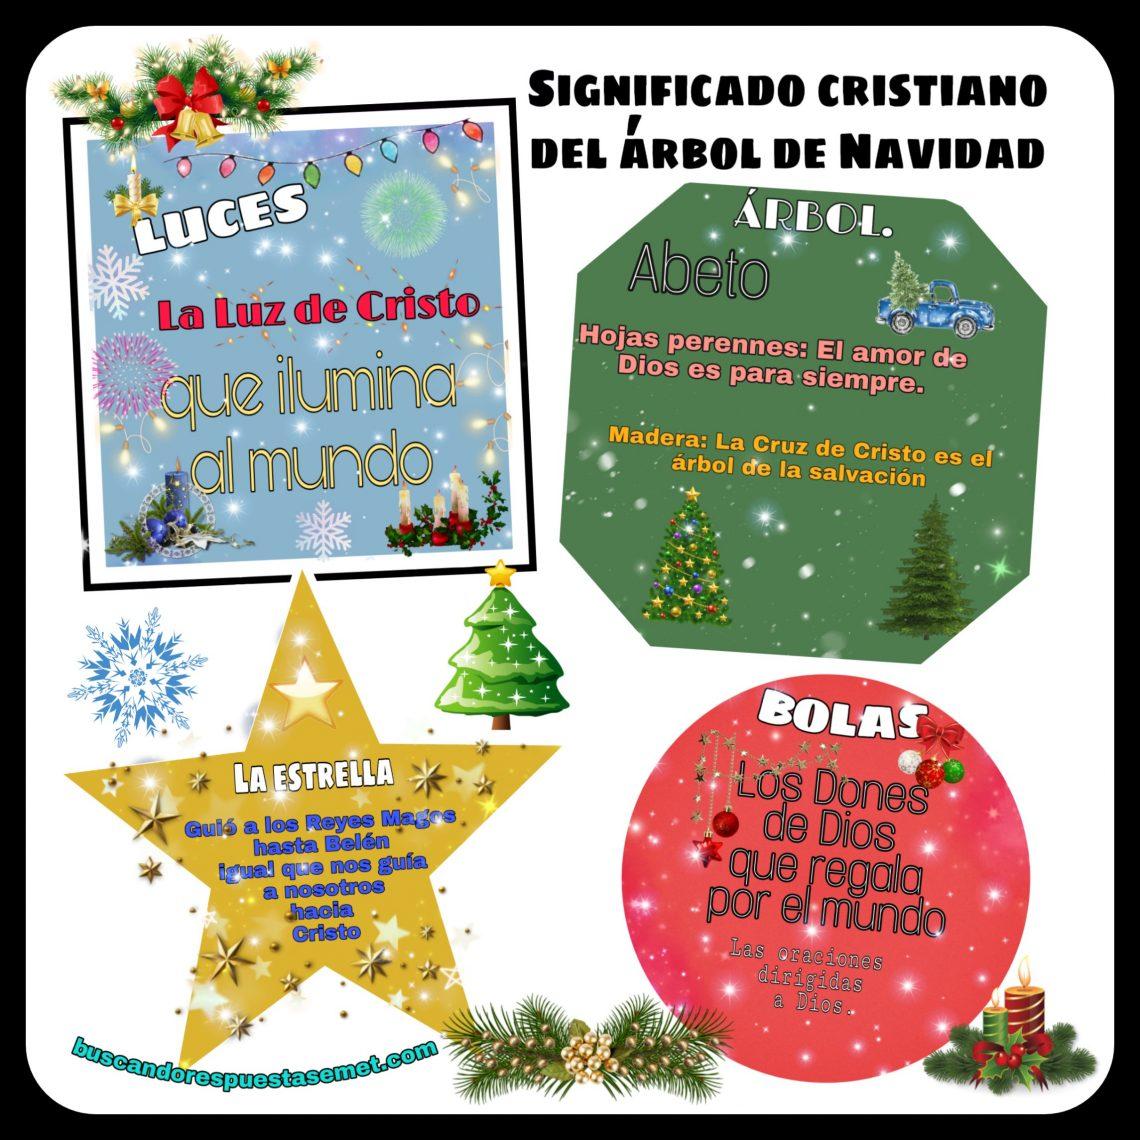 El significado cristiano del árbol de navidad